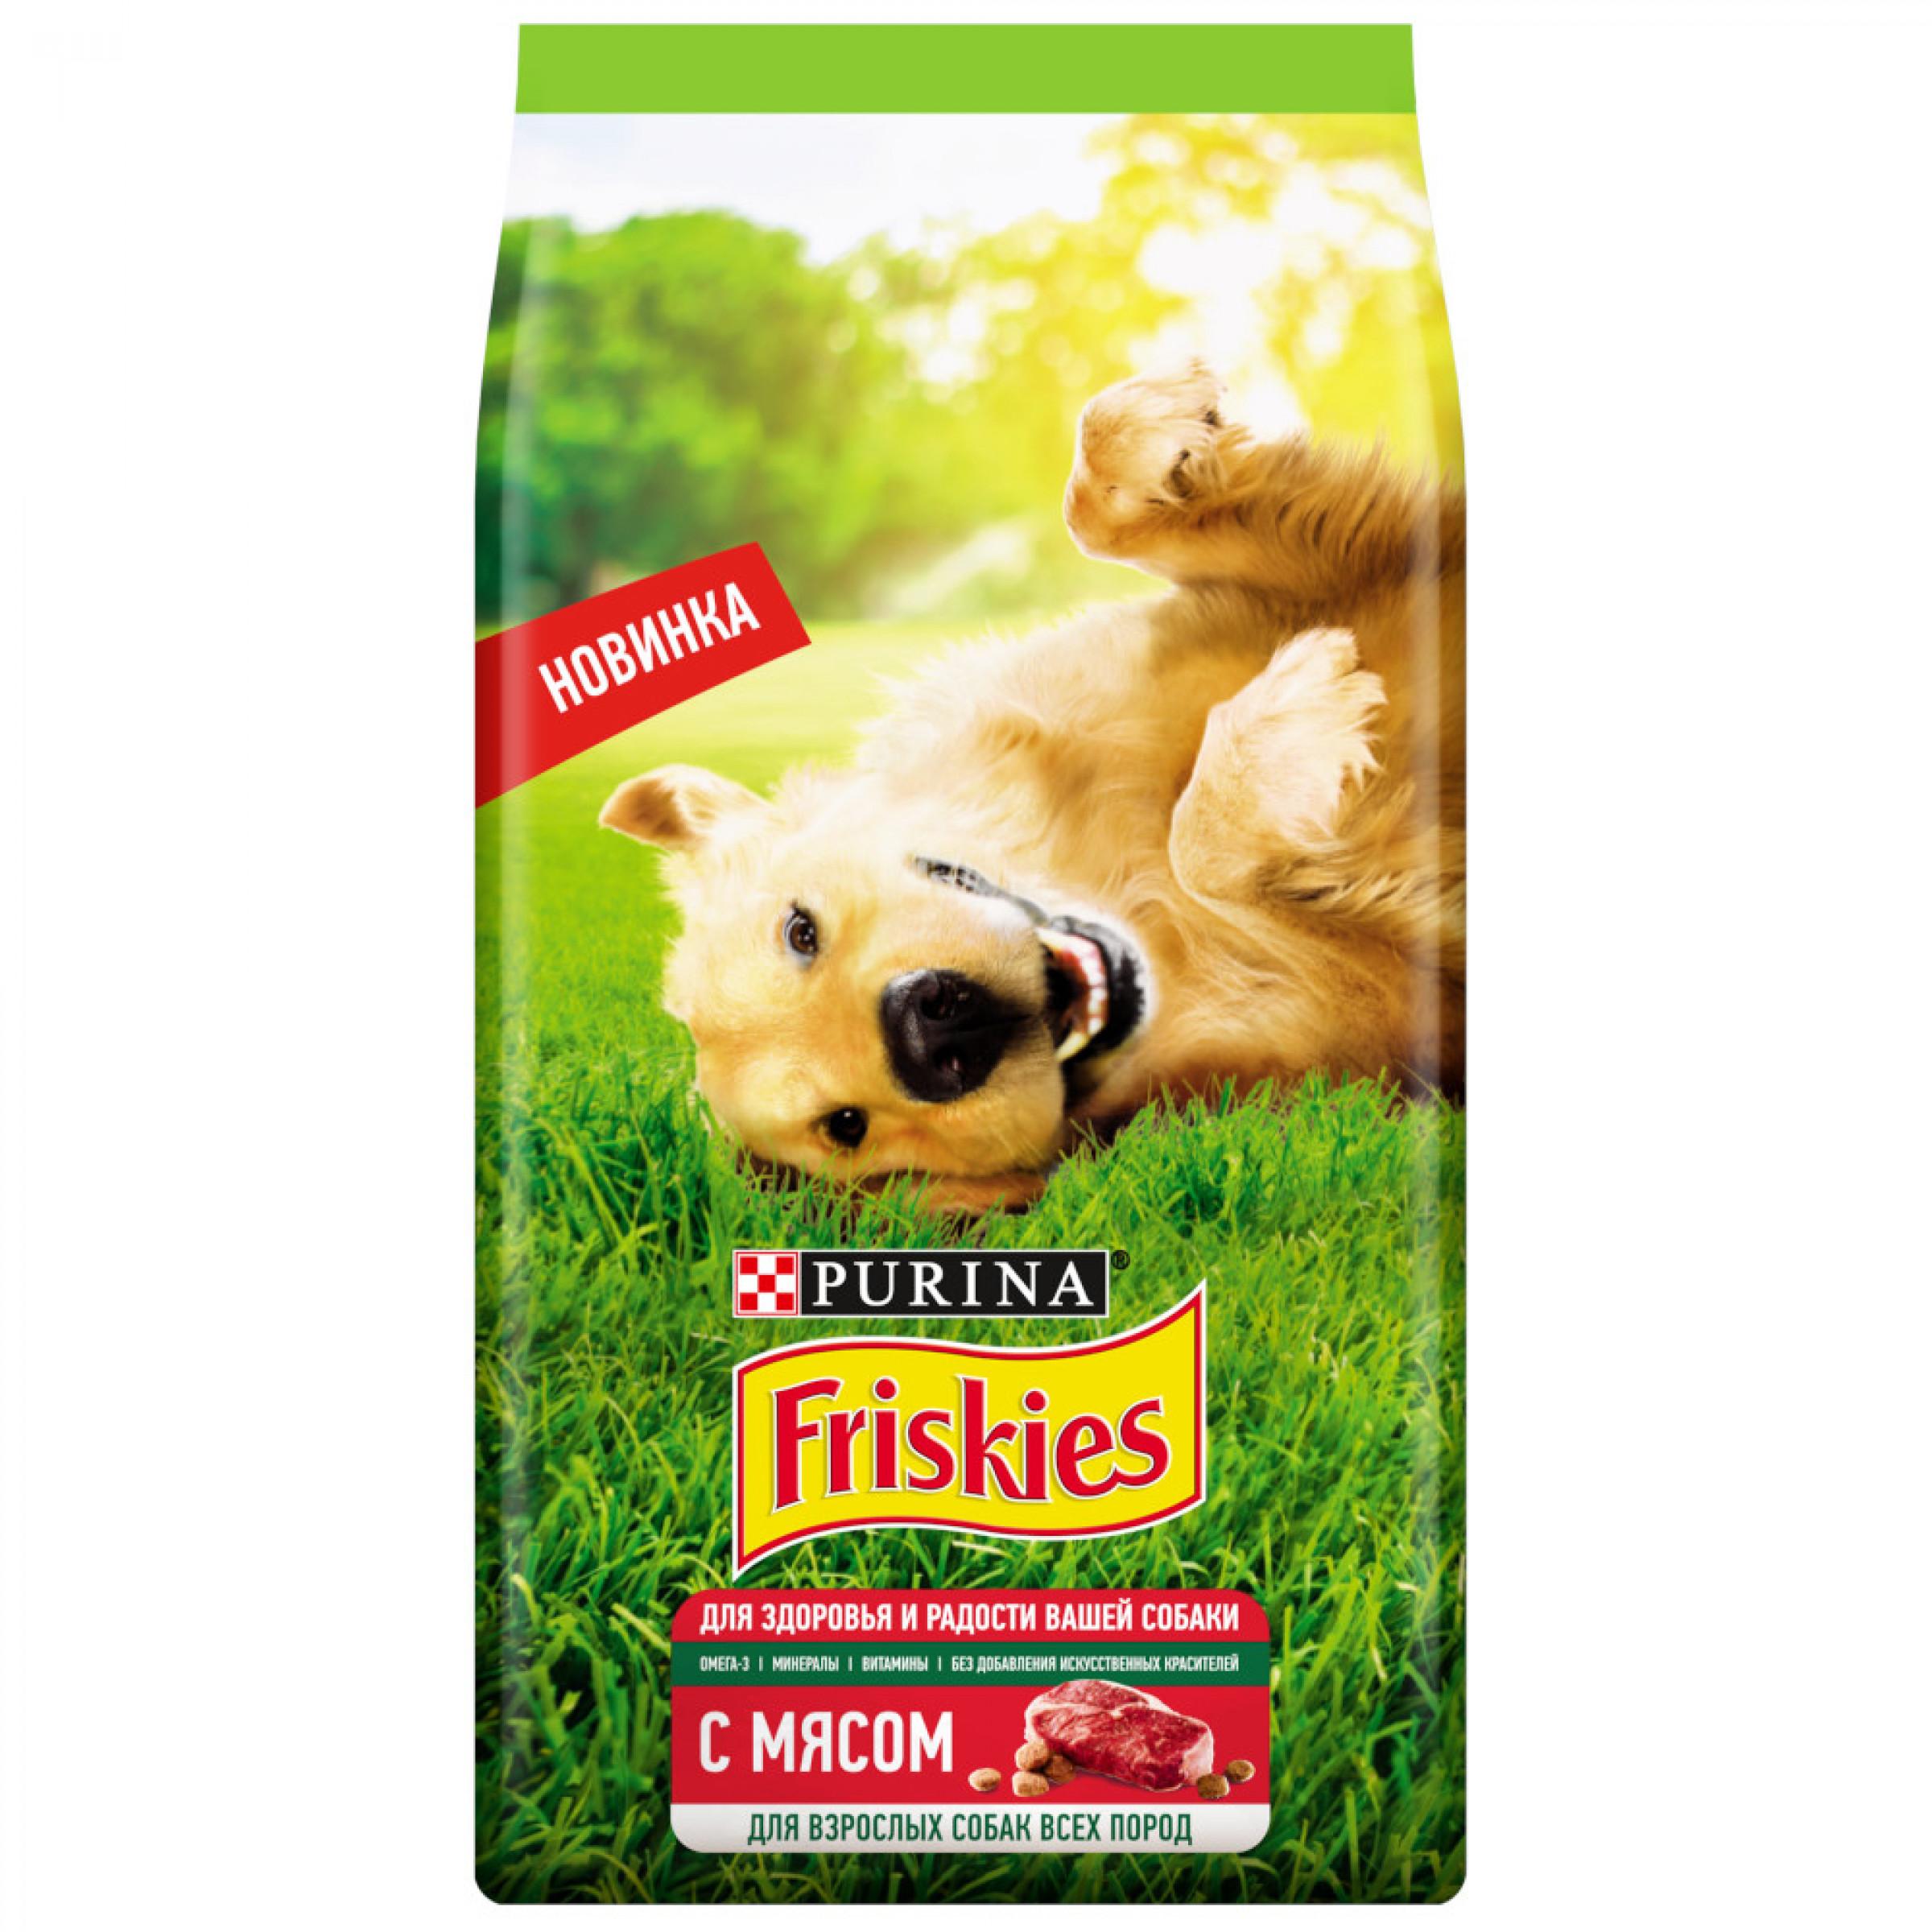 Сухой корм Friskies для взрослых собак, с мясом, 2кг